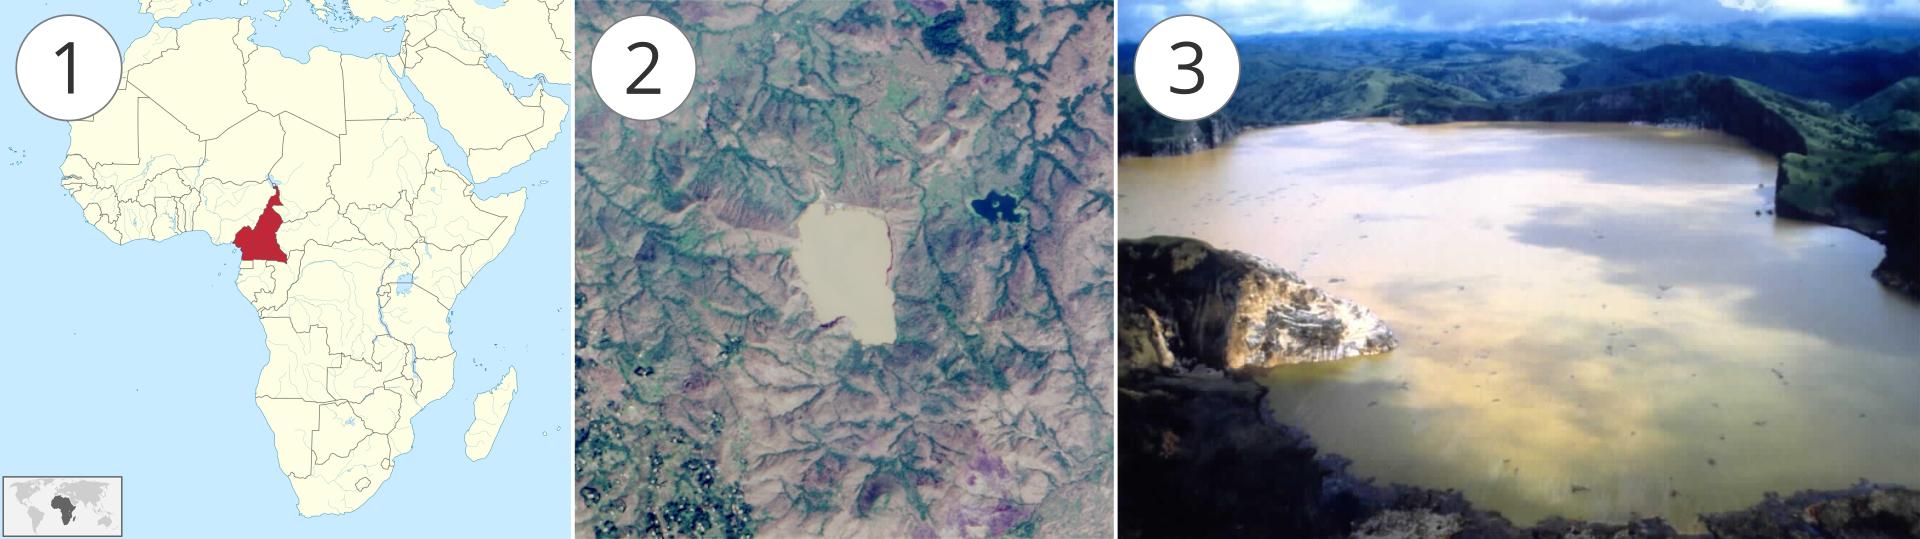 Ilustracja składa się zgrafiki idwóch sąsiadujących ze sobą fotografii, ponumerowanych kolejno od lewej do prawej strony. Na obrazku numer 1 znajduje się mapa Afryki zzaznaczonymi liniami granicznymi państw. Czerwonym kolorem wyróżniony jest Kamerun, znajdujący się wśrodkowej Afryce nad Zatoką Gwinejską, graniczący m.in. zKongiem. Zdjęcie numer dwa to fotografia satelitarna przedstawiająca wycinek górzystego terenu zdużym, beżowym obszarem wsamym centrum. Jest to jezioro Nyos uwiecznione przed katastrofą. Po prawej stronie zdjęcie numer trzy przedstawiające jezioro po katastrofie oglądane ze wzgórza lub nisko lecącego samolotu. Płaska tafla wody odbija żółtawo podświetlone przez słońce chmury, tworząc surrealistyczny obraz. Teren wokół jeziora porośnięty tropikalnym lasem.